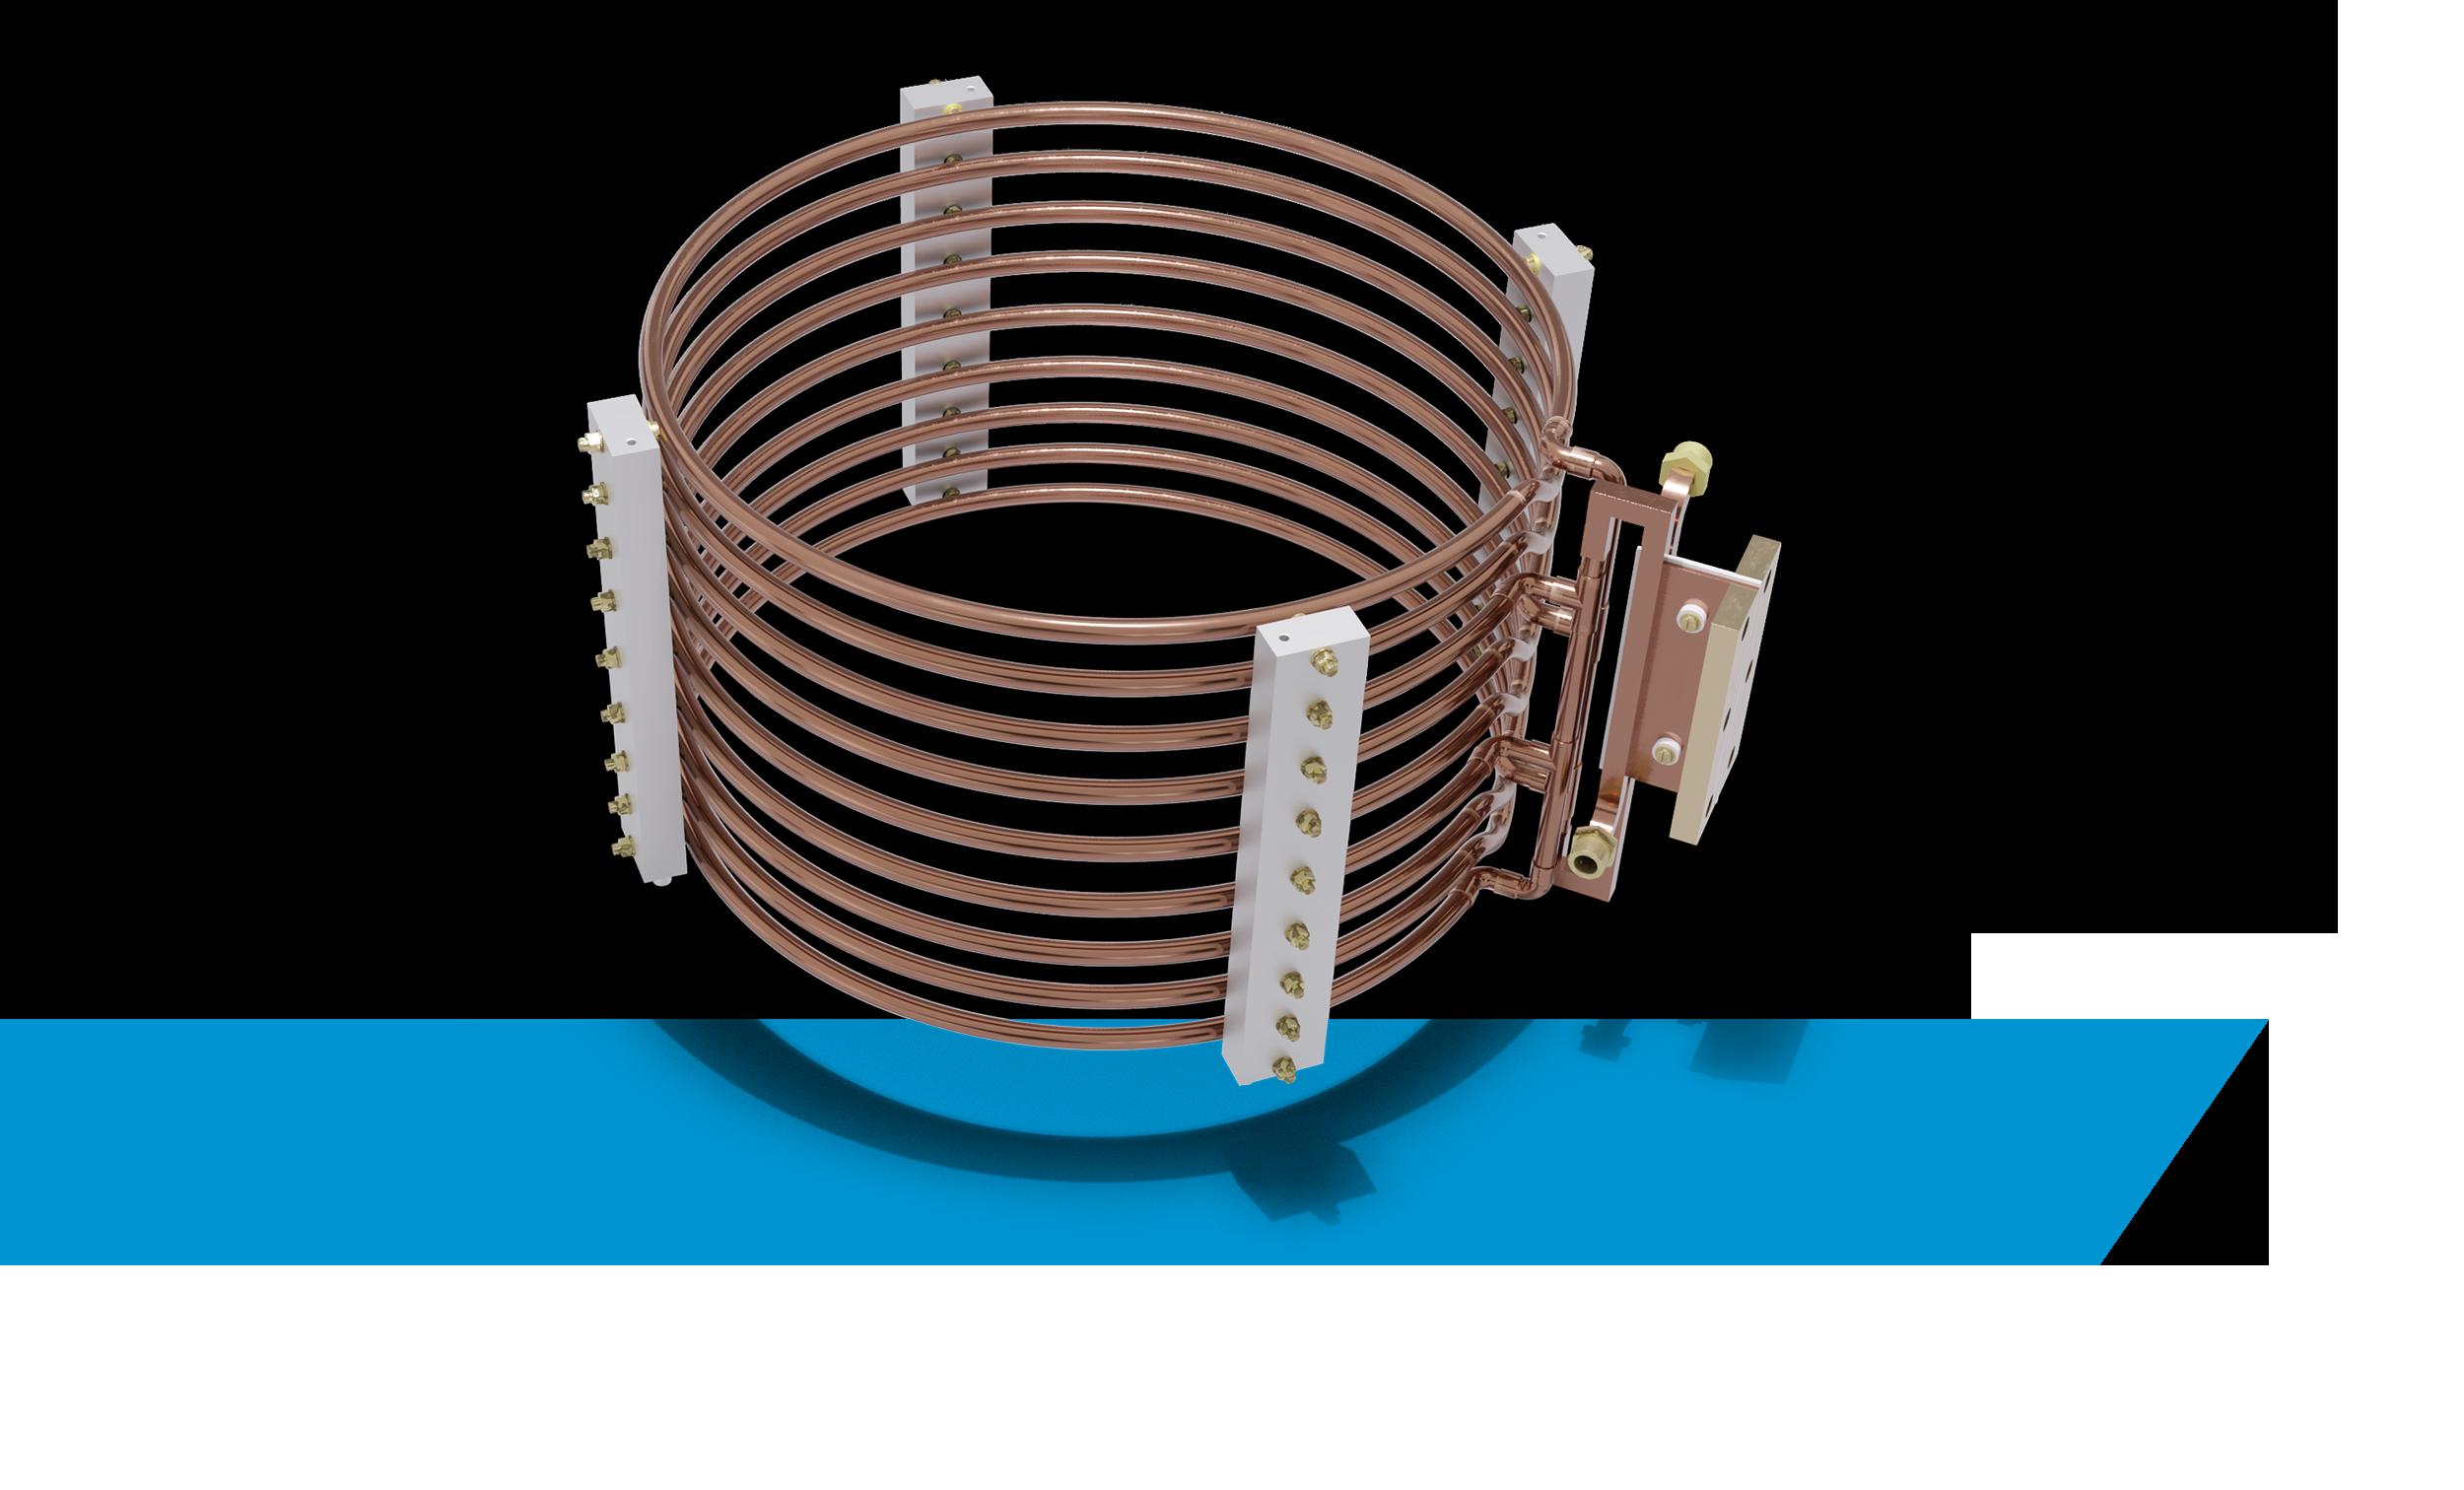 Ringförmiger Induktor mit mehreren Kreisen